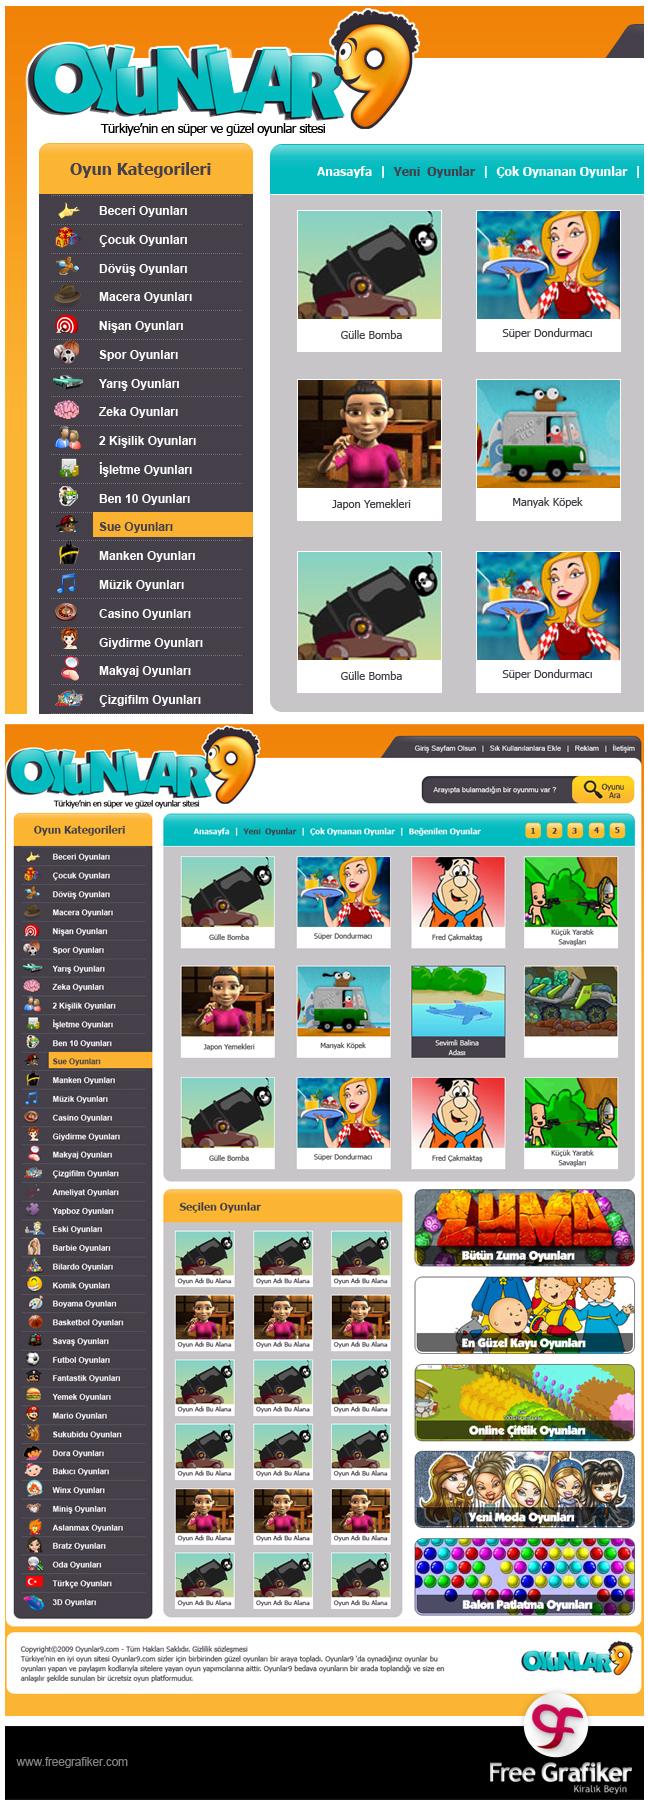 Oyunlar9 oyun sitesi tasarımı